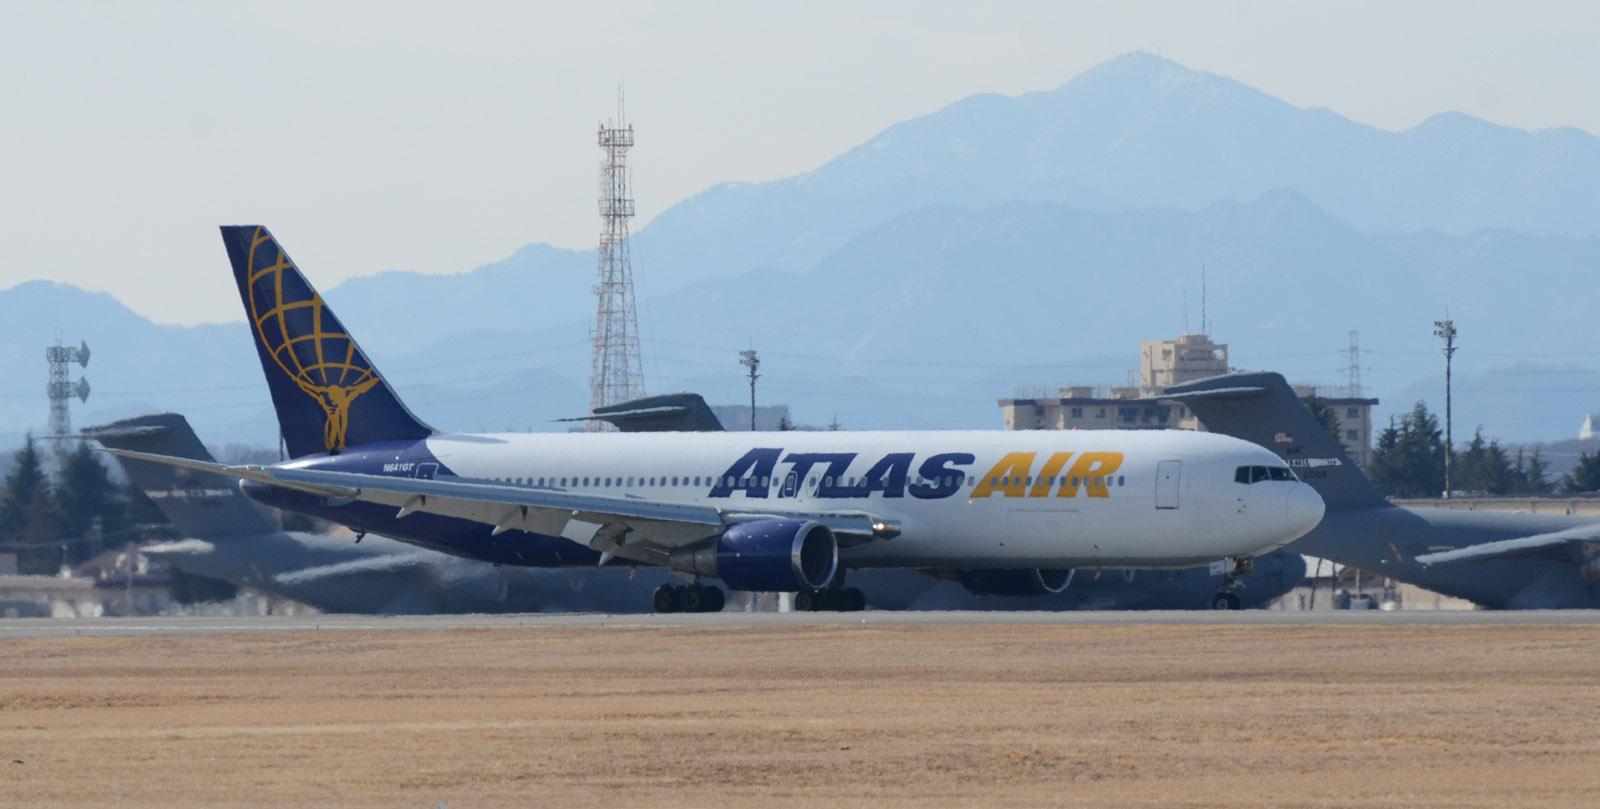 Atlas140207g674